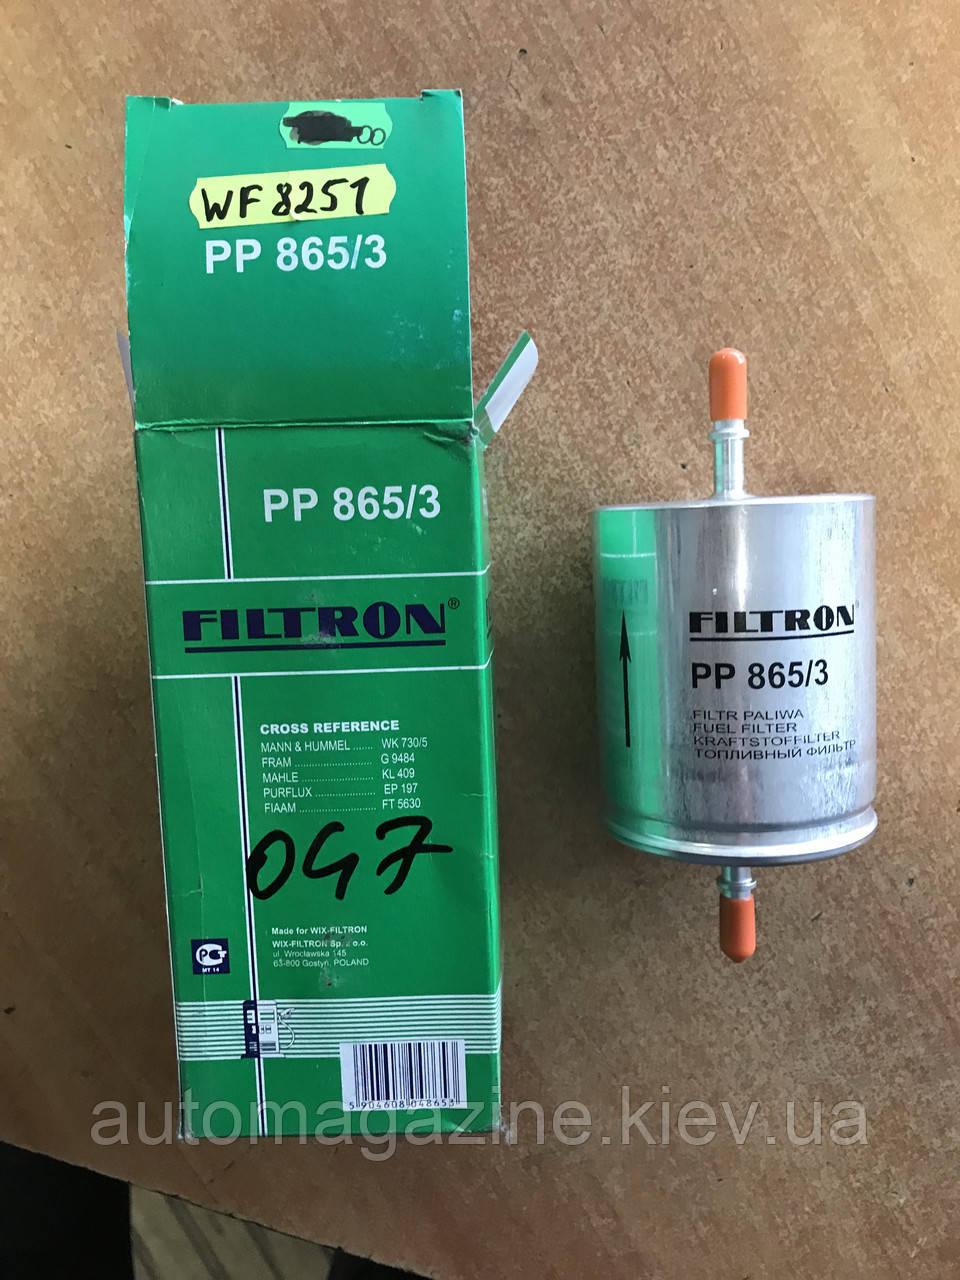 Фильтр топливный WF 8251 (PP865/3)